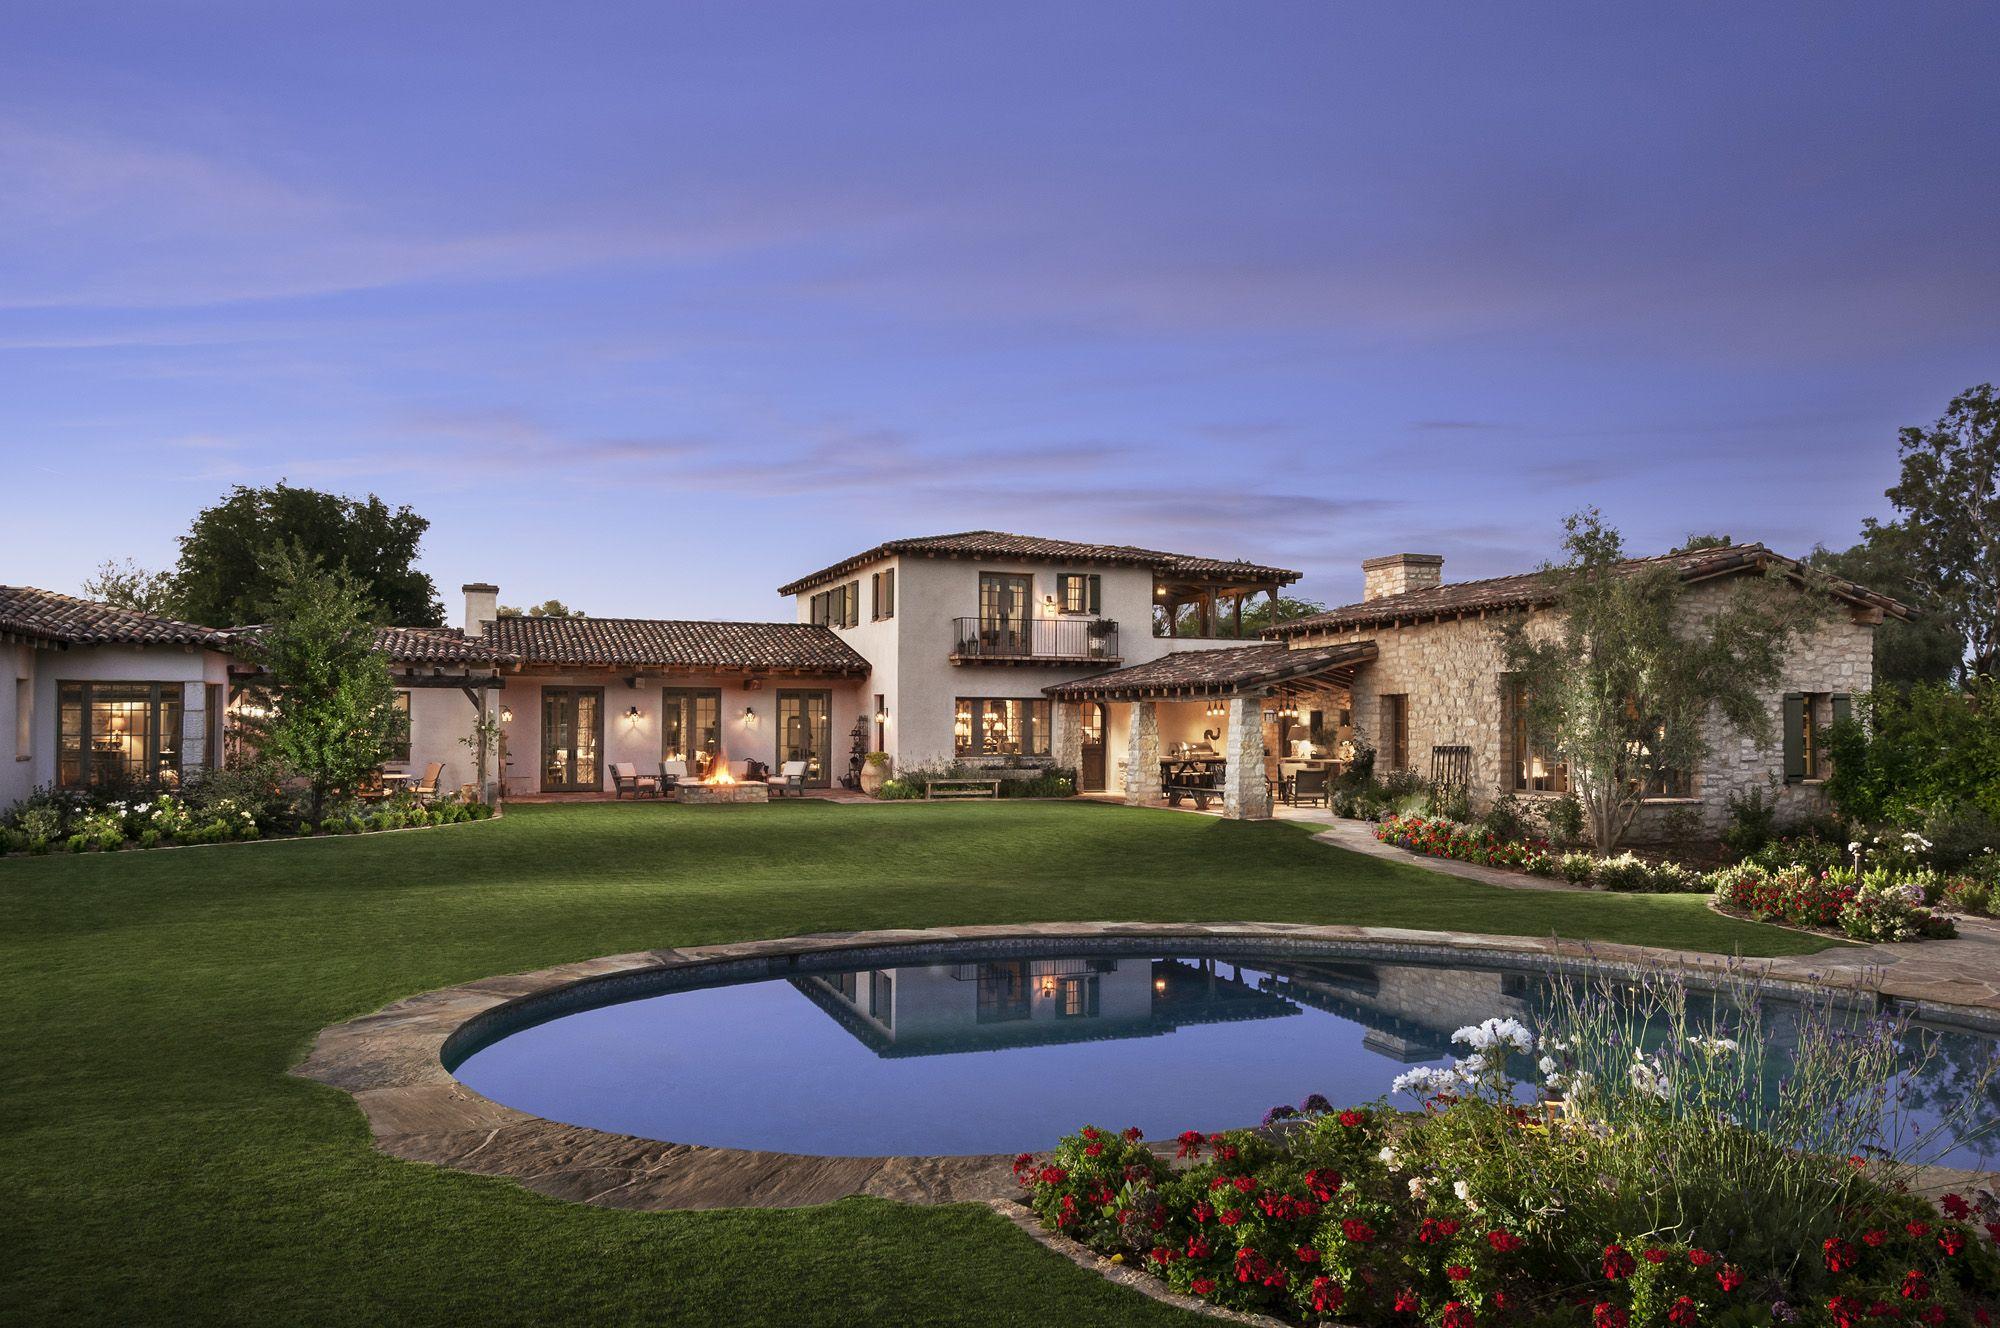 Best Kitchen Gallery: Desert Star Construction Az Custom Home Builders Dream Home of Scottsdale Arizona Home Builder on rachelxblog.com